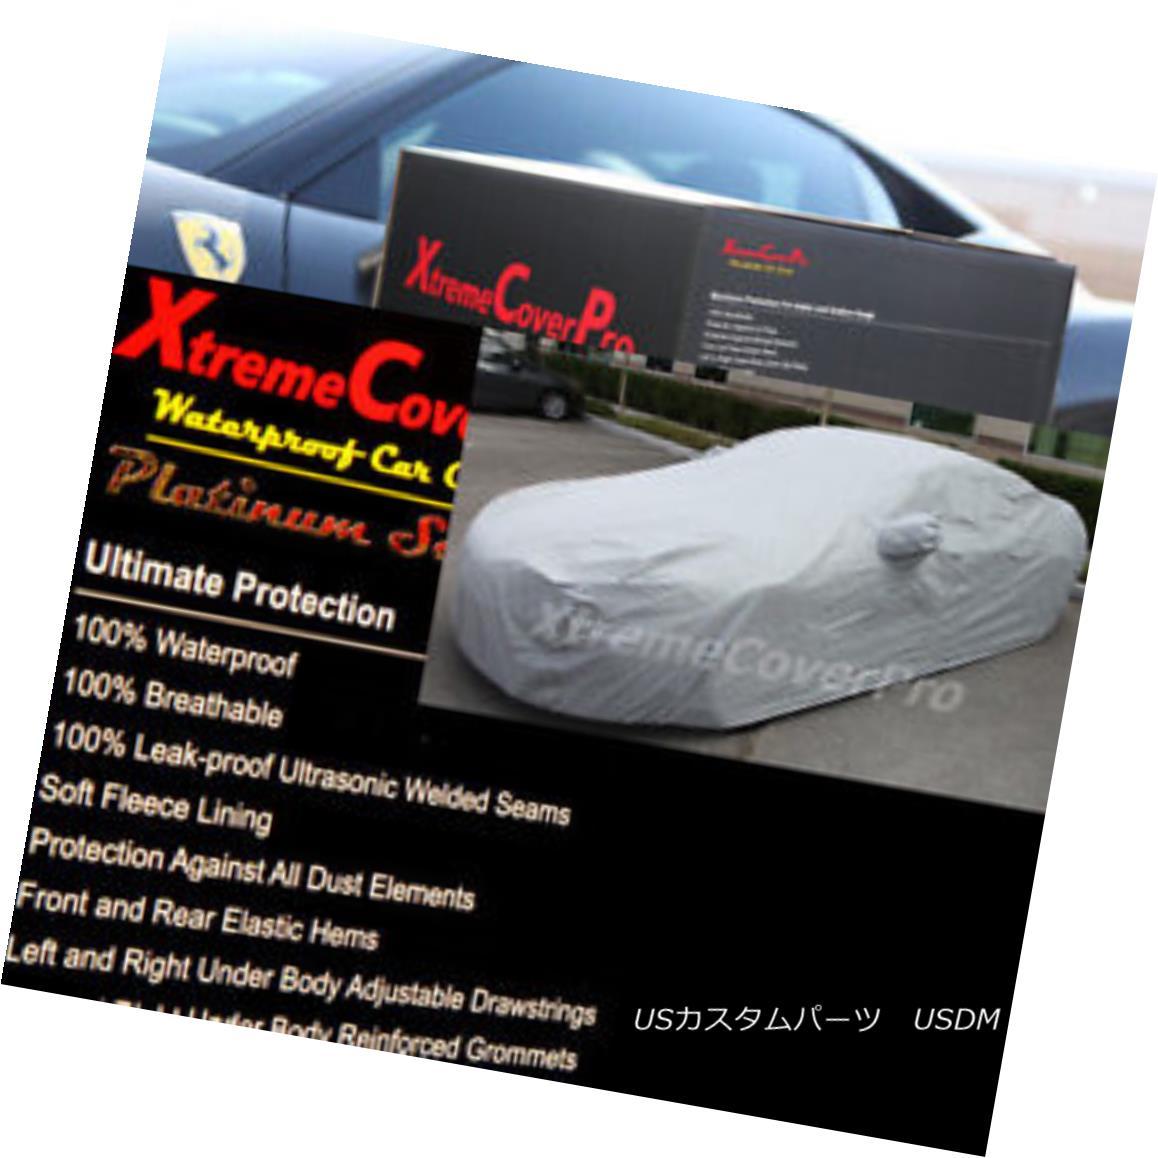 カーカバー 2015 AUDI A8 S8 A8L S8L Waterproof Car Cover w/Mirror Pockets - Gray 2015 AUDI A8 S8 A8L S8Lミラーポケット付き防水カーカバー - グレー